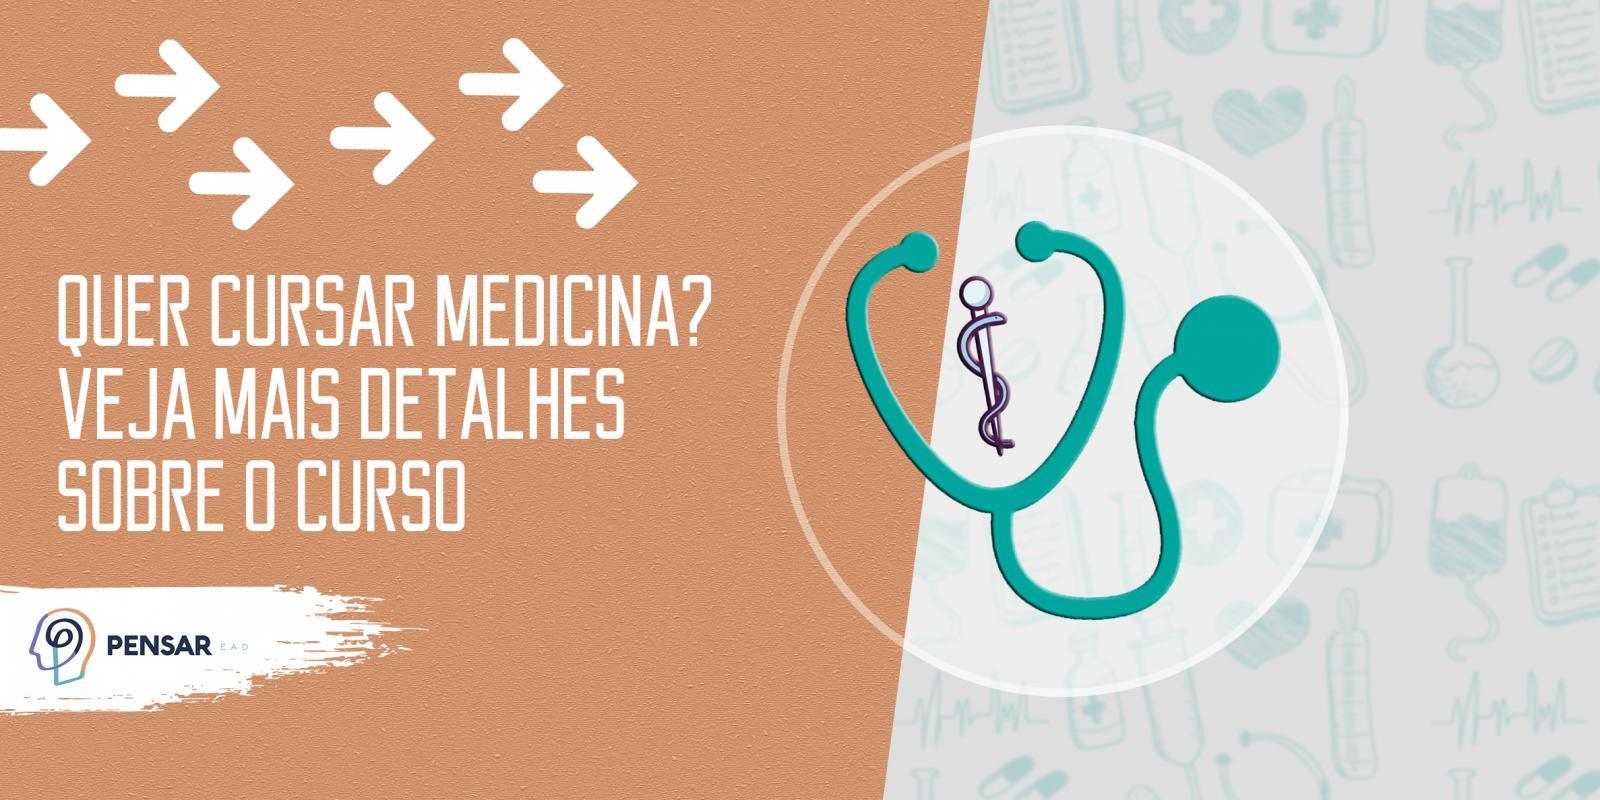 Quer cursar Medicina? Veja mais detalhes sobre o curso